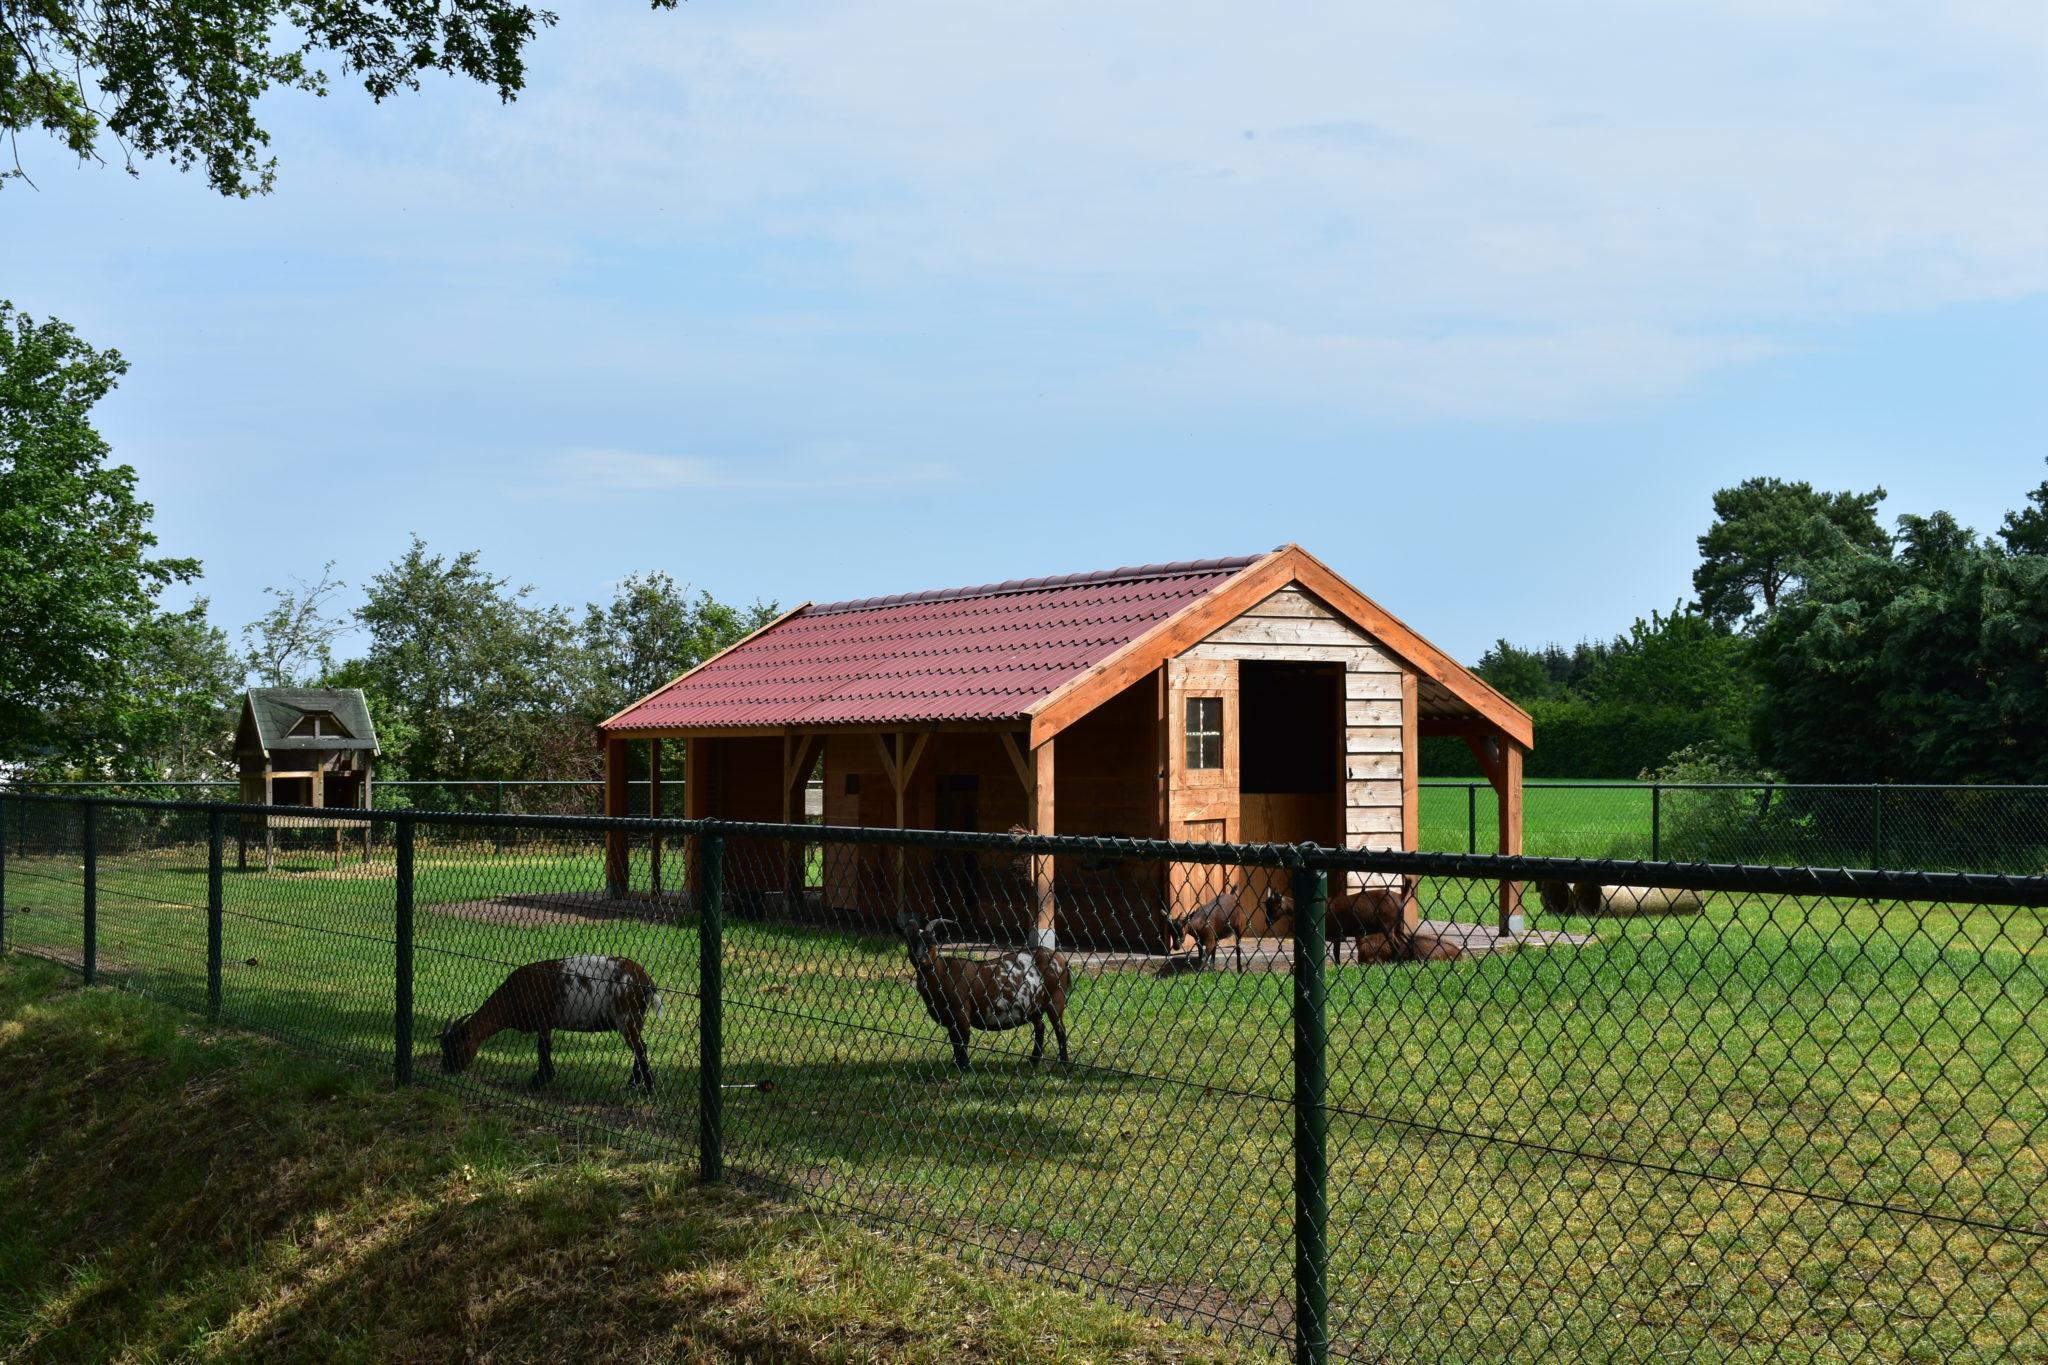 camping harminahoeve kinderboerderij